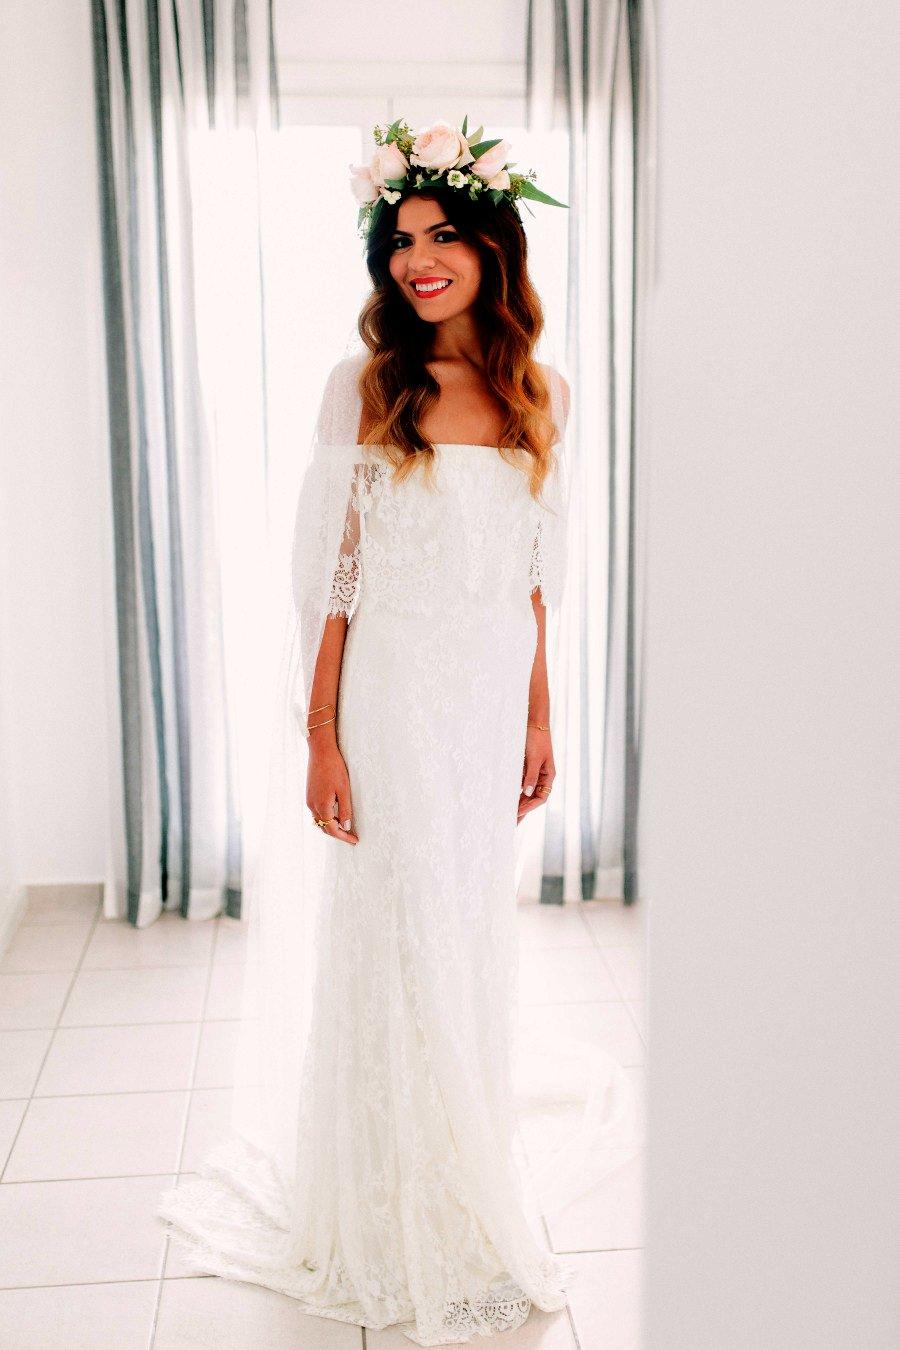 Boho Off Shoulder Fully Lace Unique Simple Beach Wedding Dresses Db0124 Wedding Dresses Simple Wedding Dress Beach Beach Wedding Dress [ 1350 x 900 Pixel ]